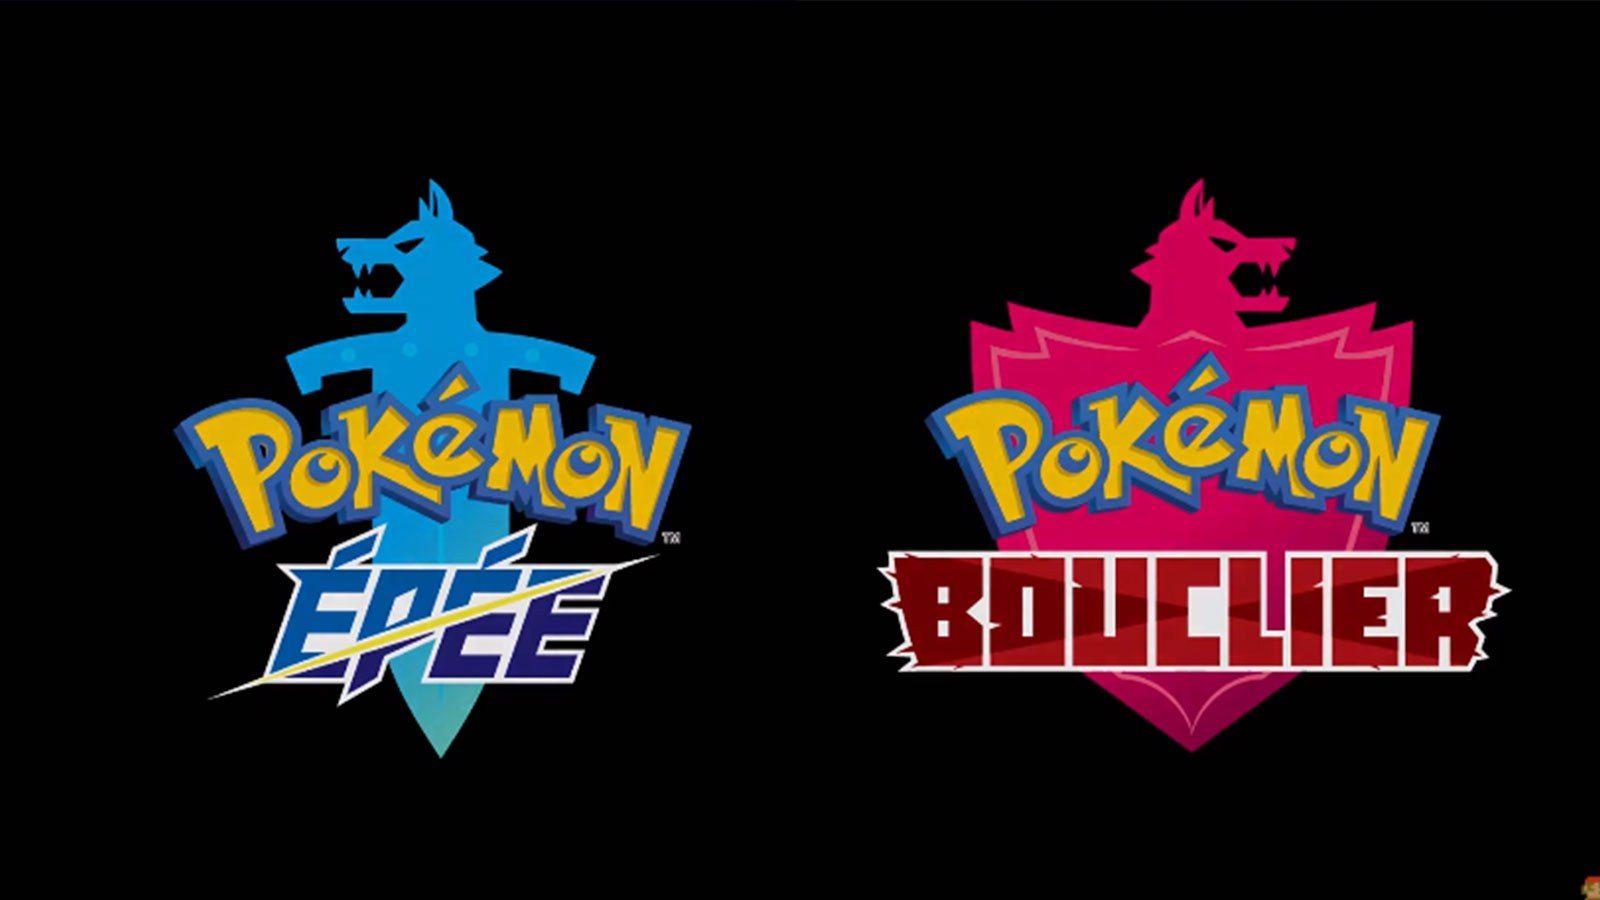 Pokémon : la huitième génération se composera de Pokémon Épée et Pokémon Bouclier